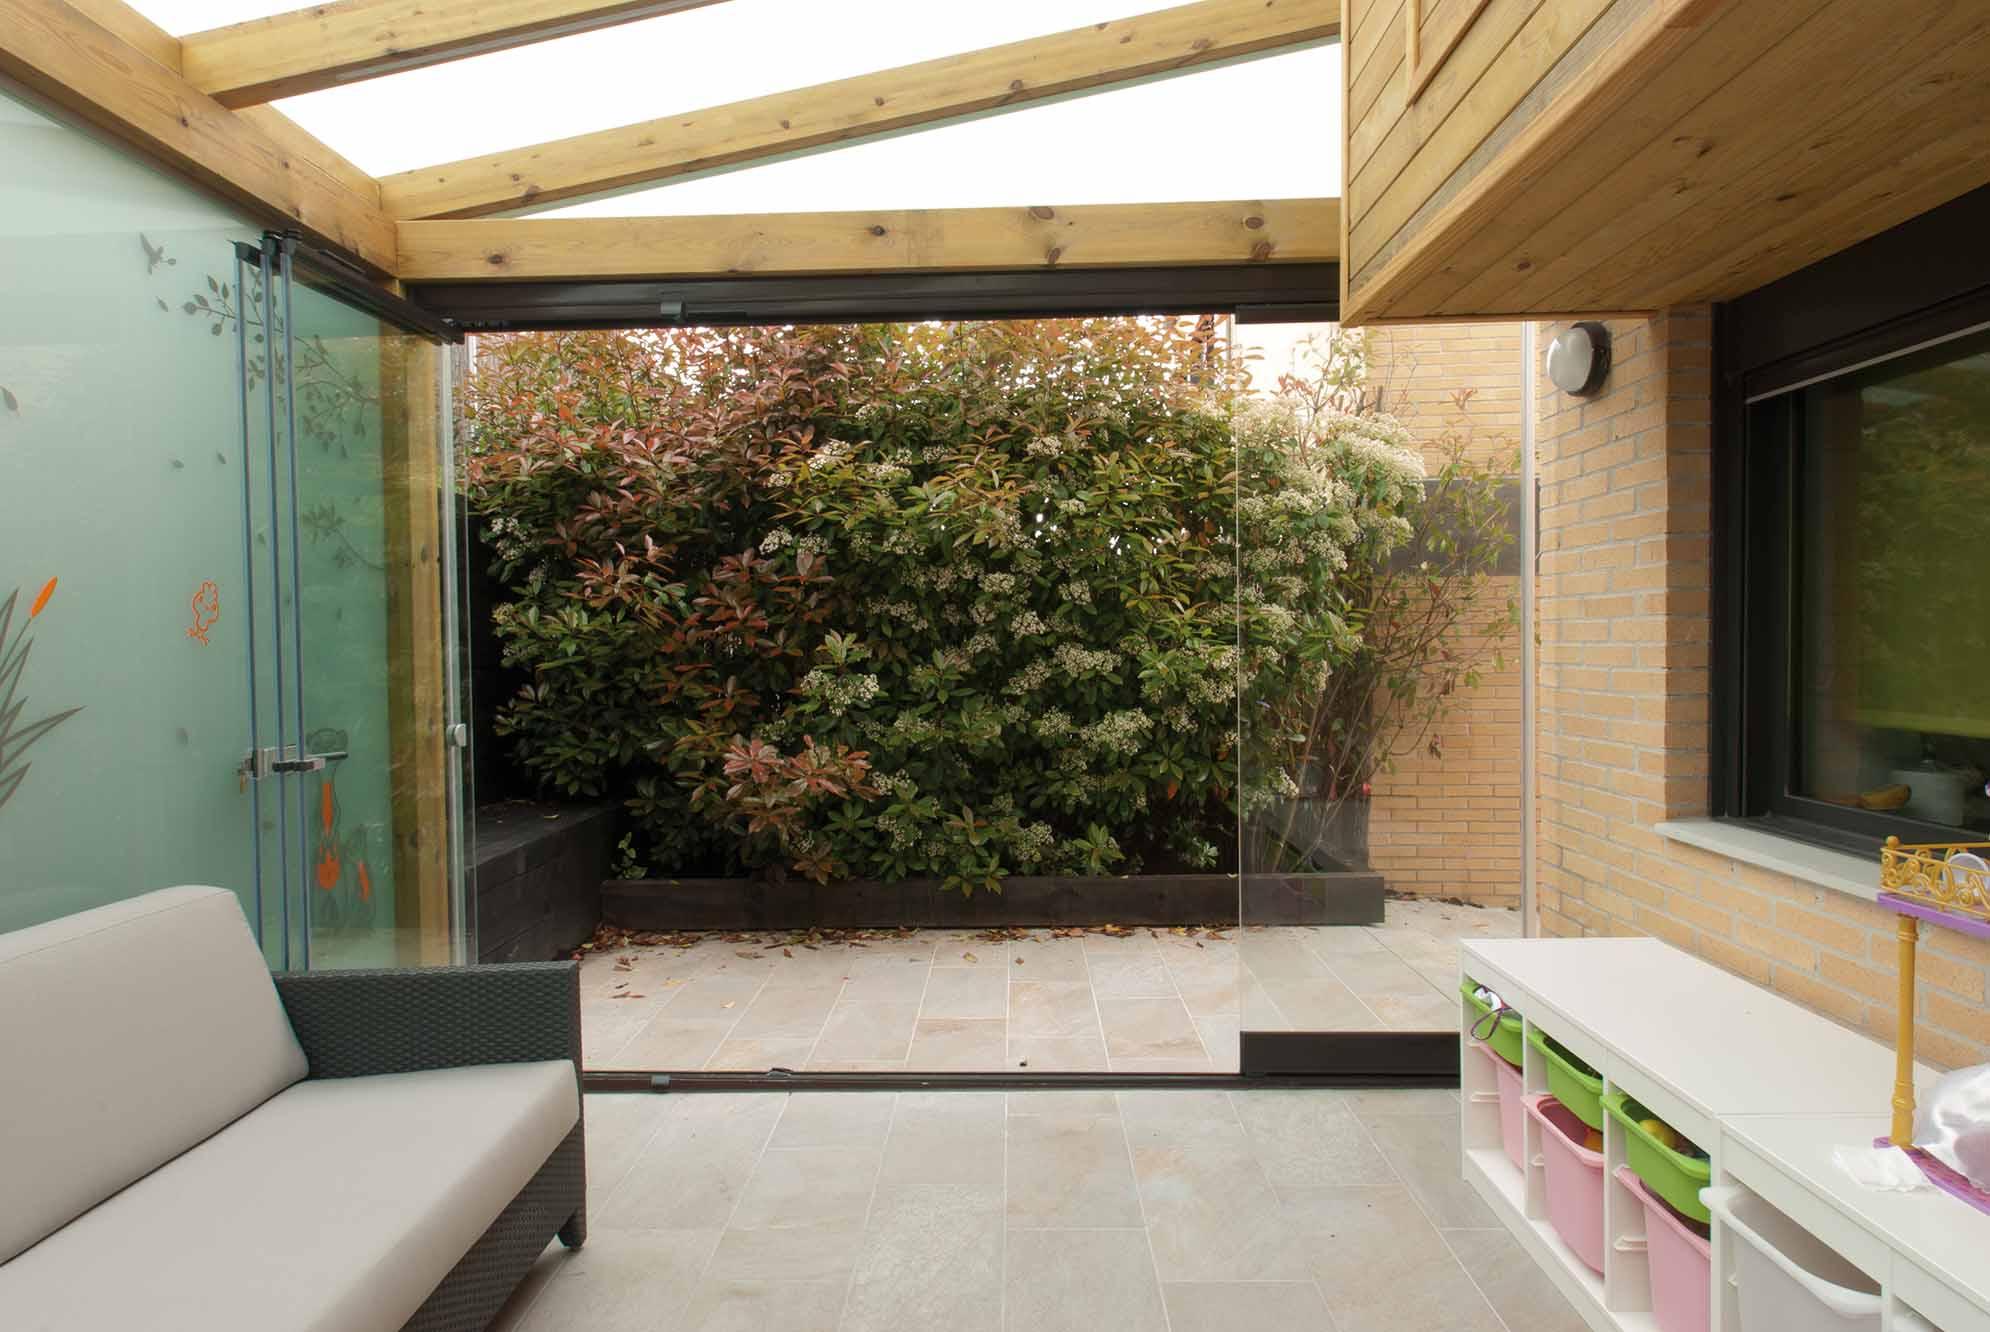 cerramientos-cristal-porches-jardines-aticos-4